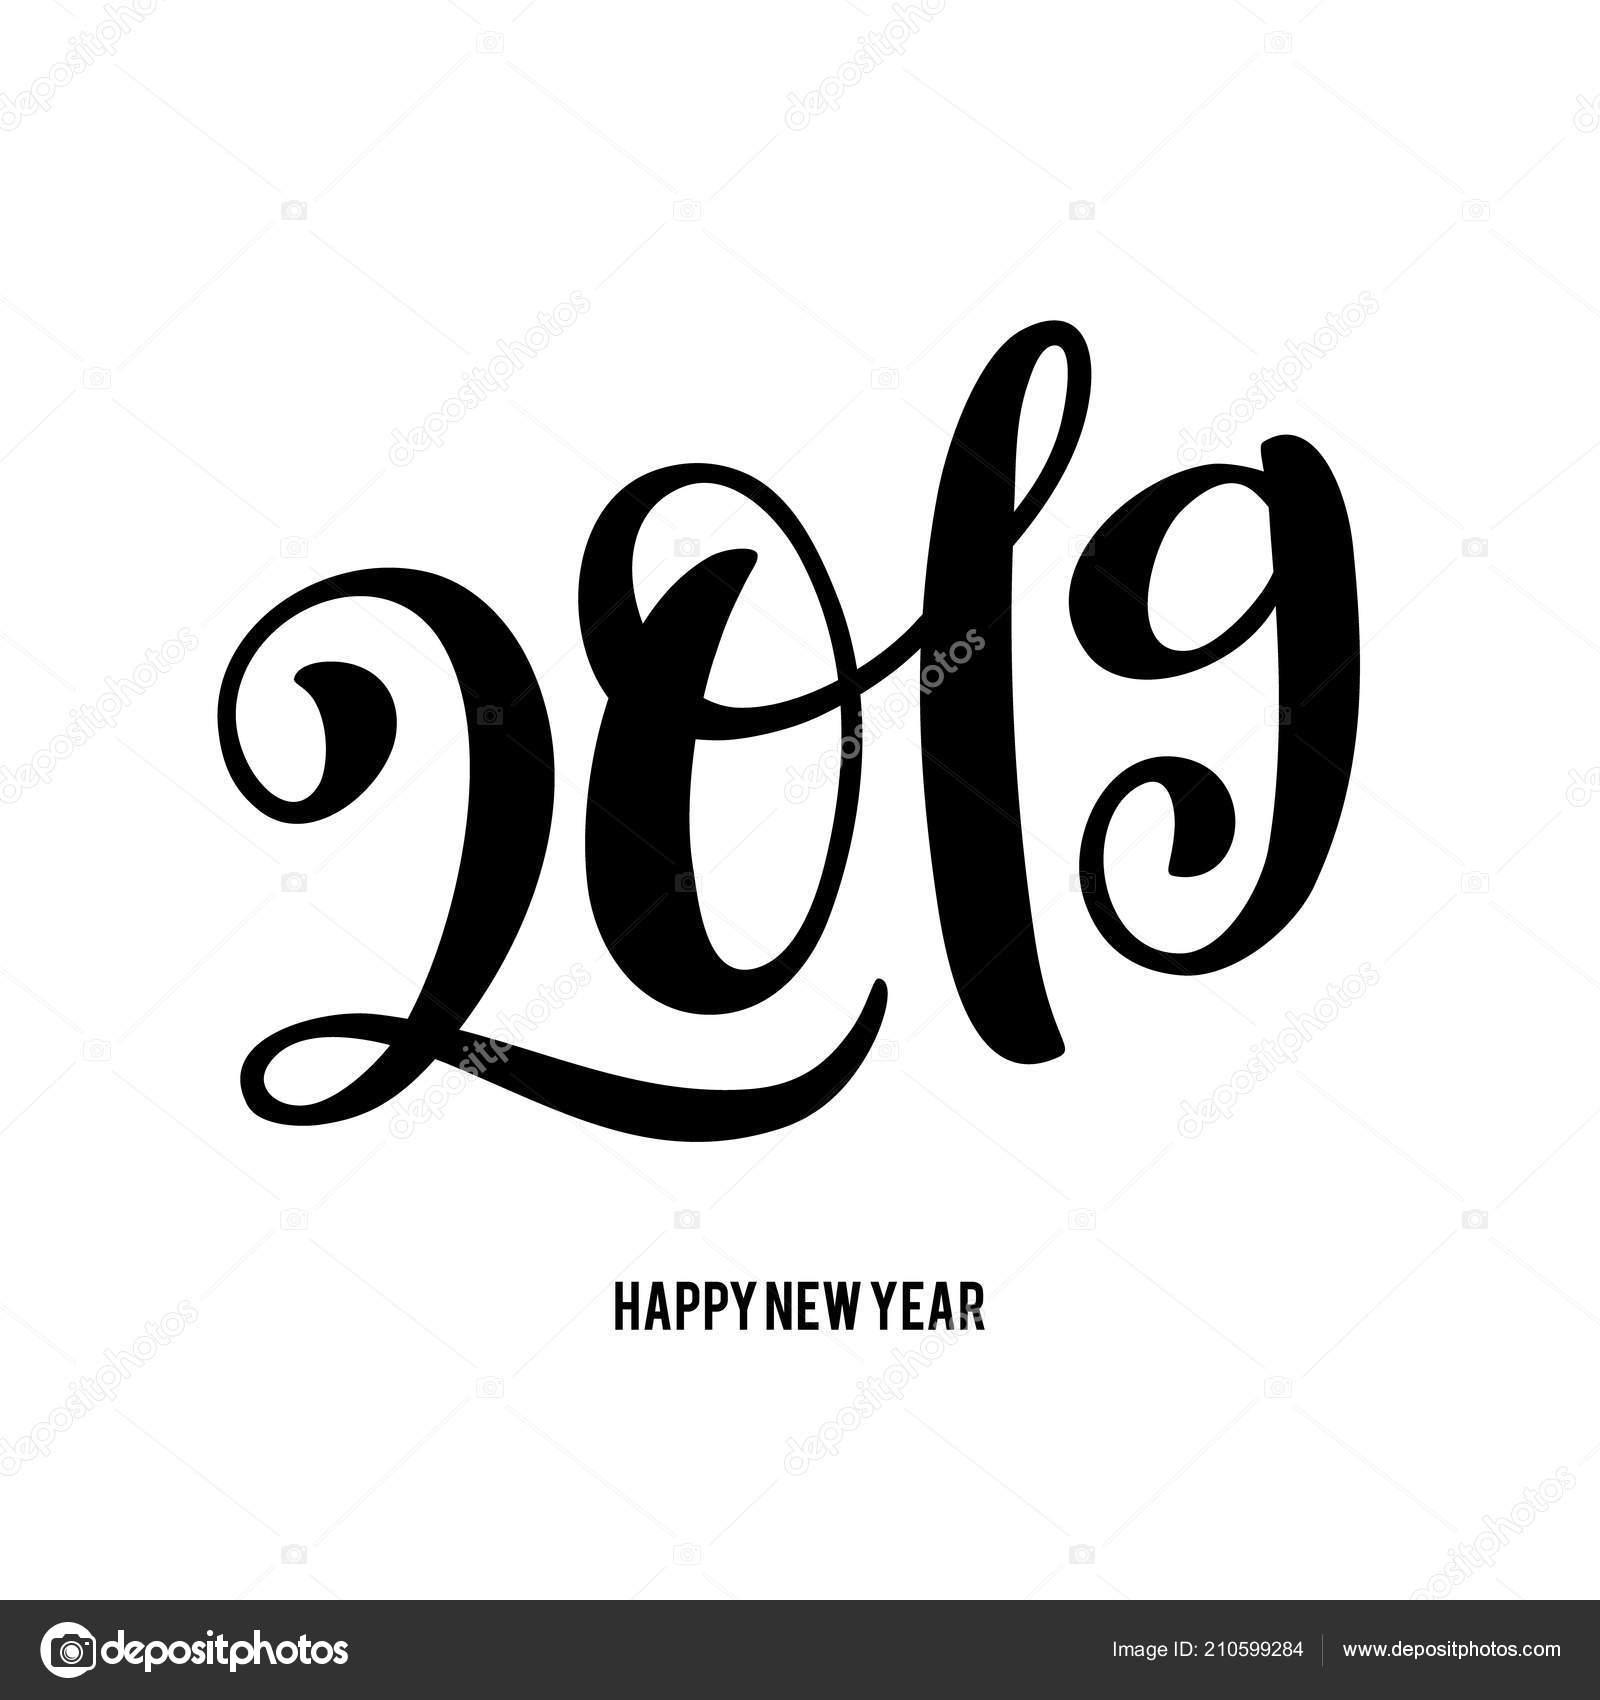 Feliz Ano Ilustracion De Vector Con La Composicion